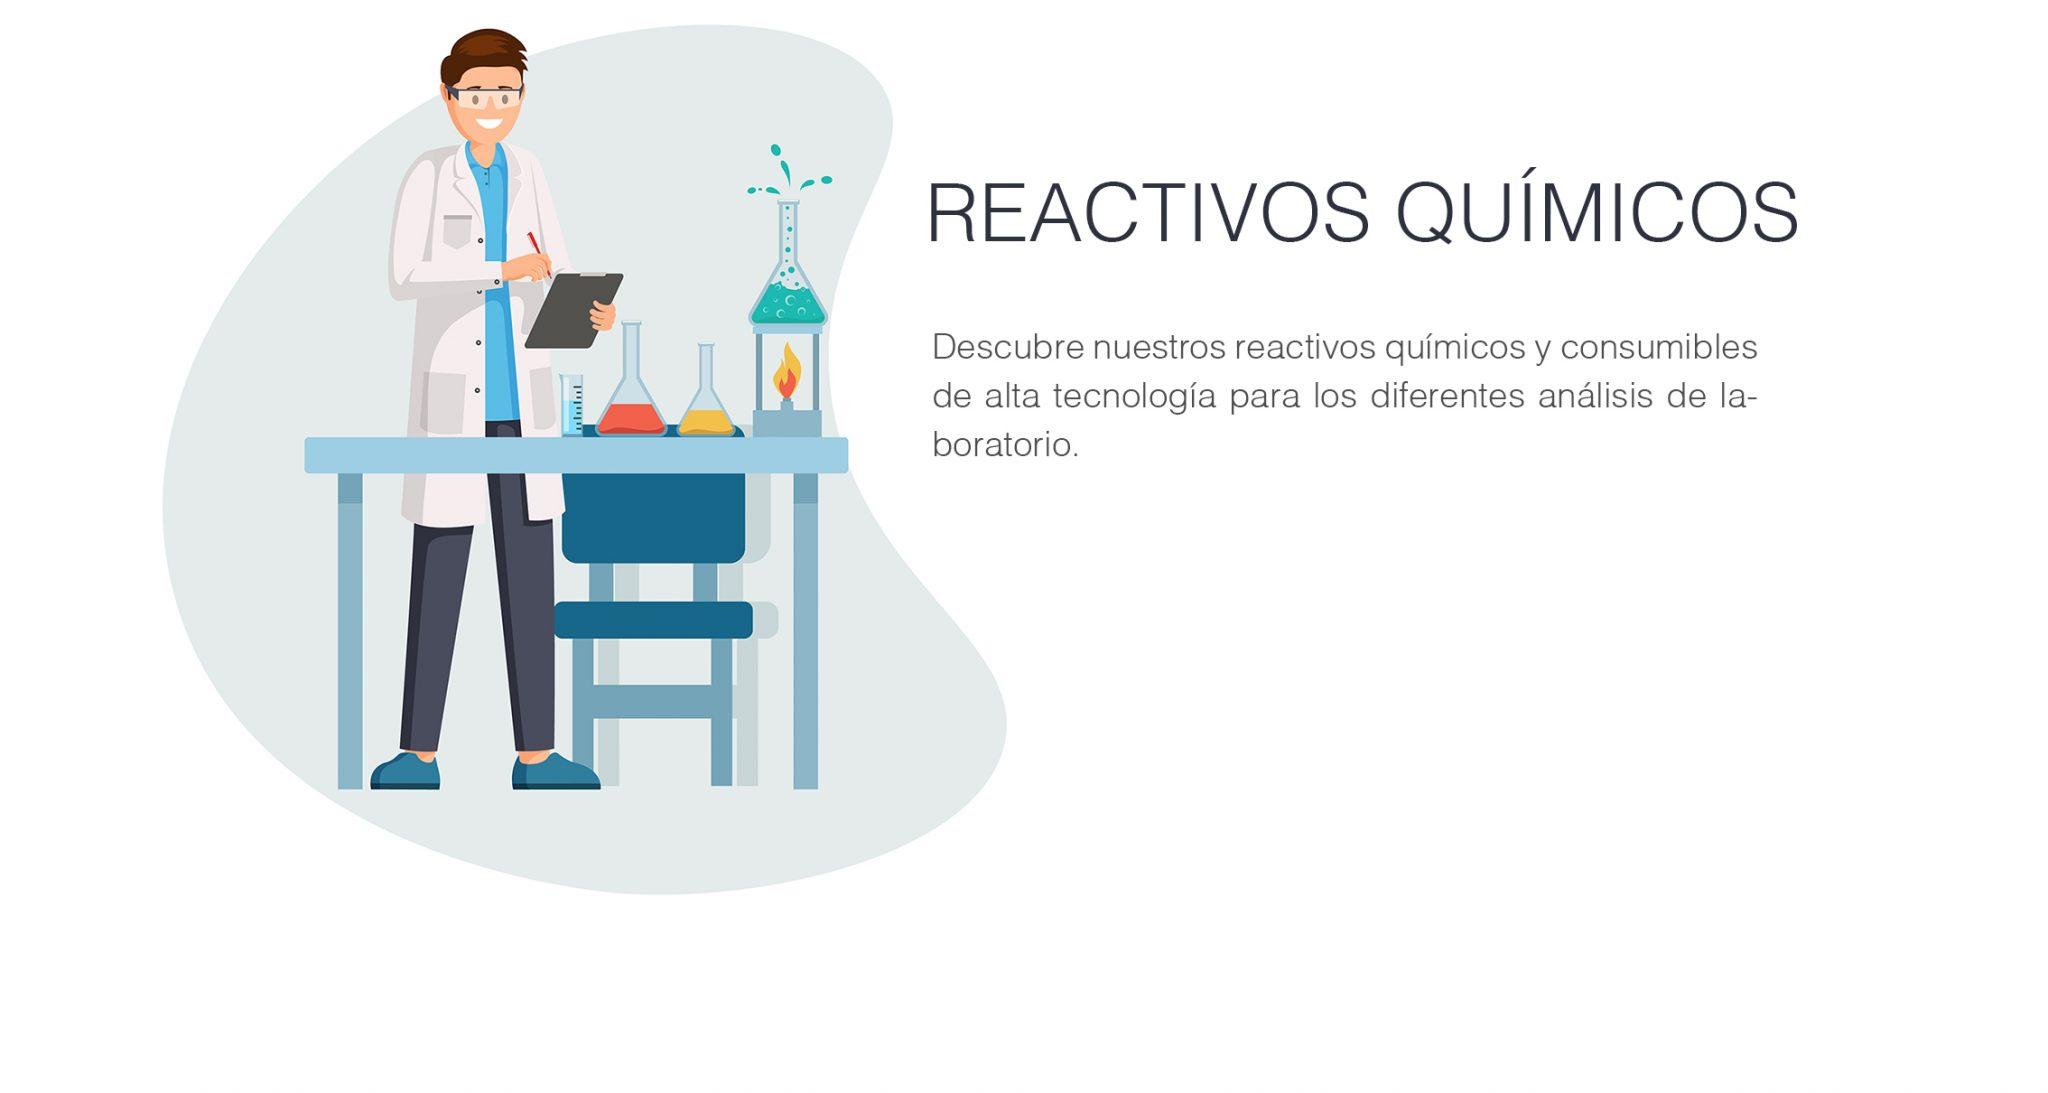 Reactivos Químicos Aisatec